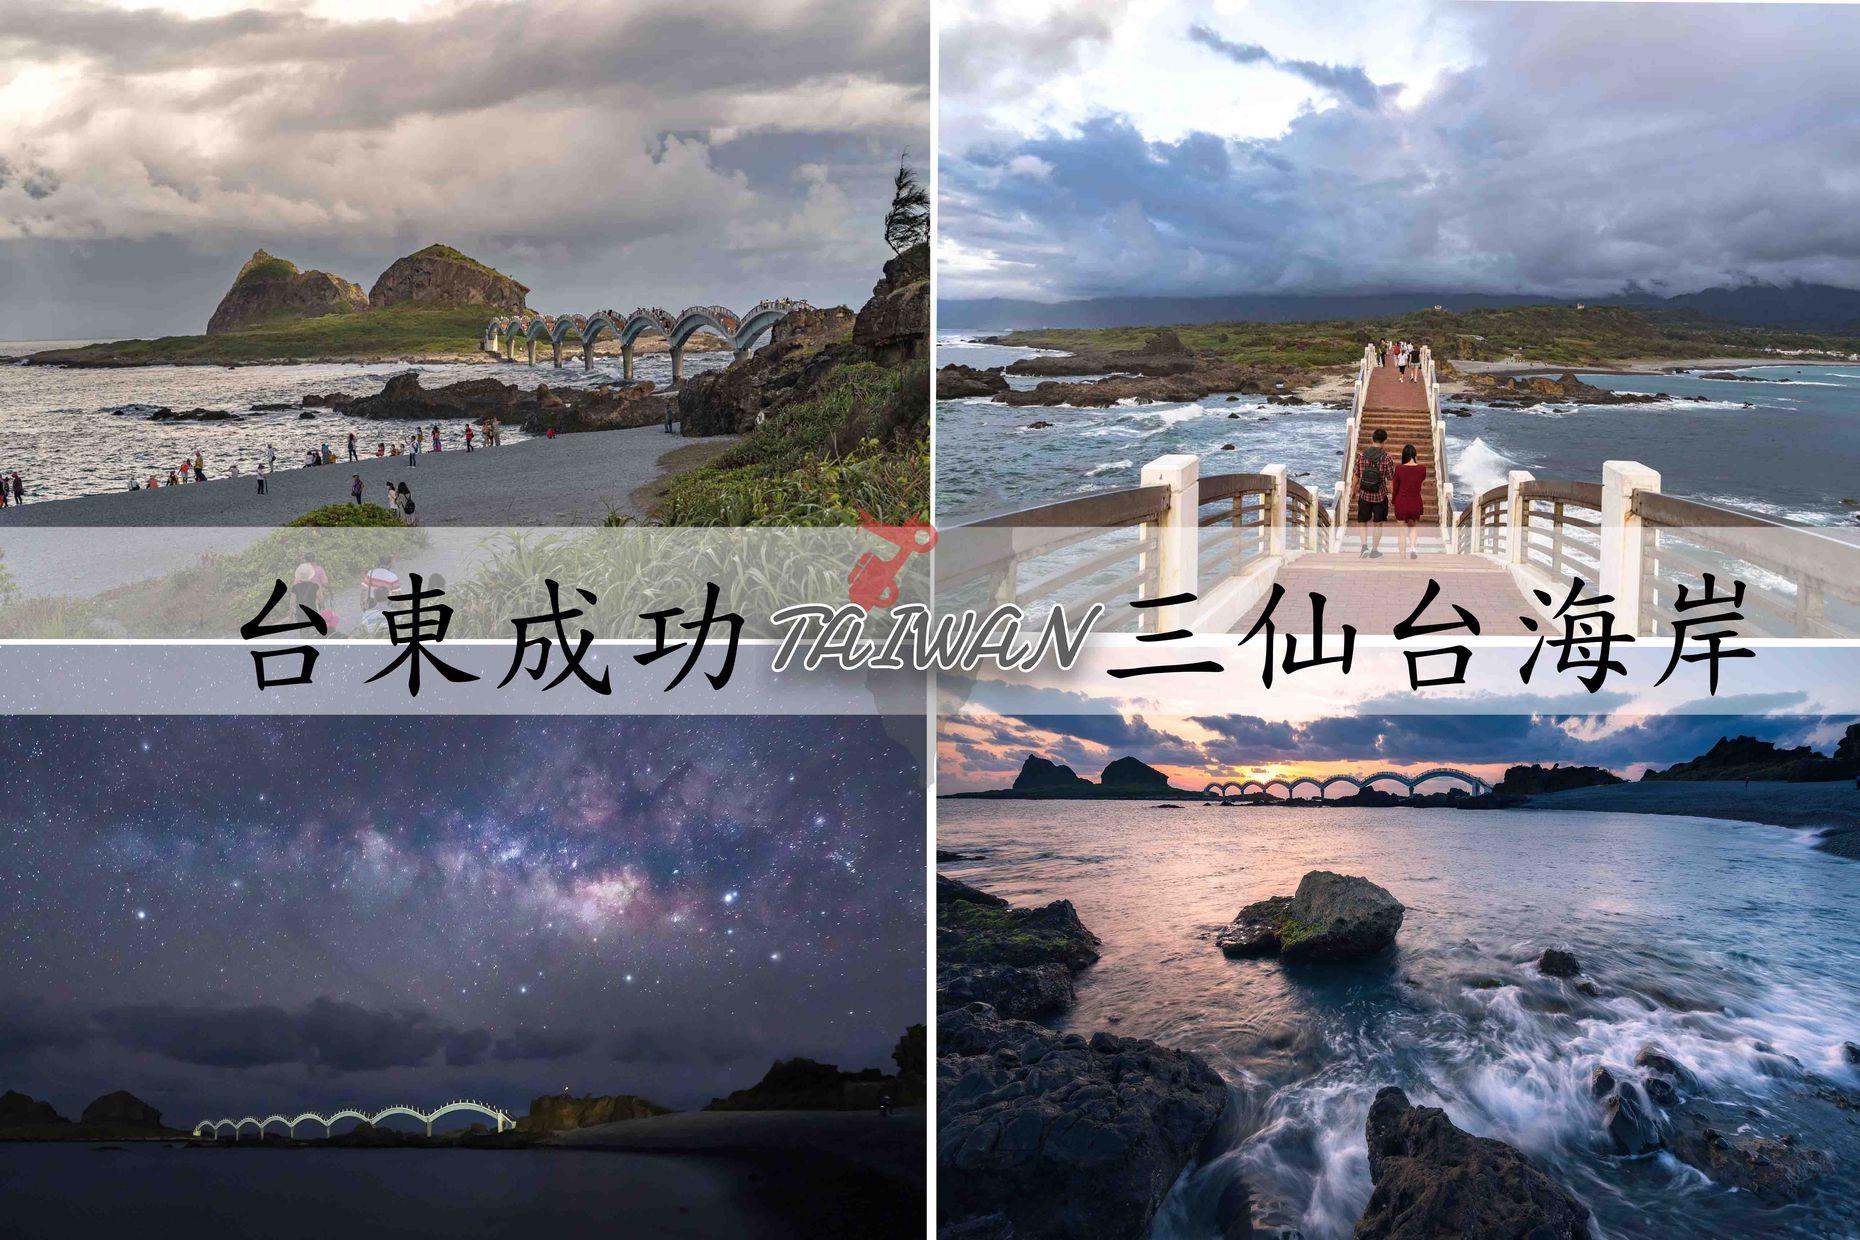 『台東成功』不一樣的三仙台,不只海灘、跨海八拱橋,更美秘境在許願島,超詳細心得分享